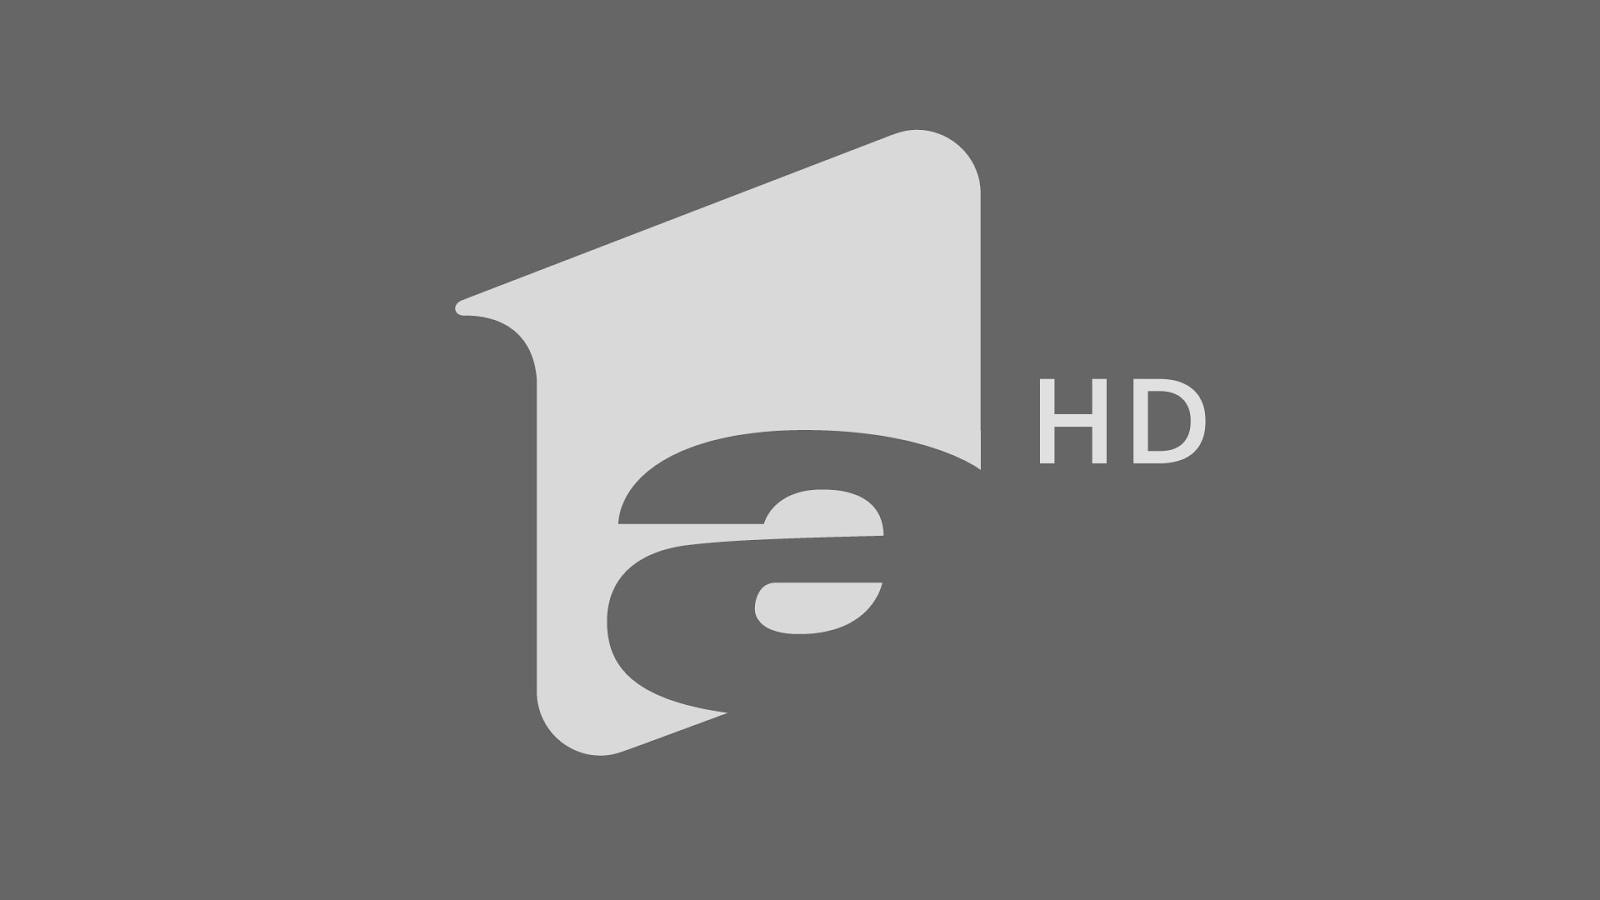 Stațiile Antena 1 transformate în Antena 3. Iată de când și de ce